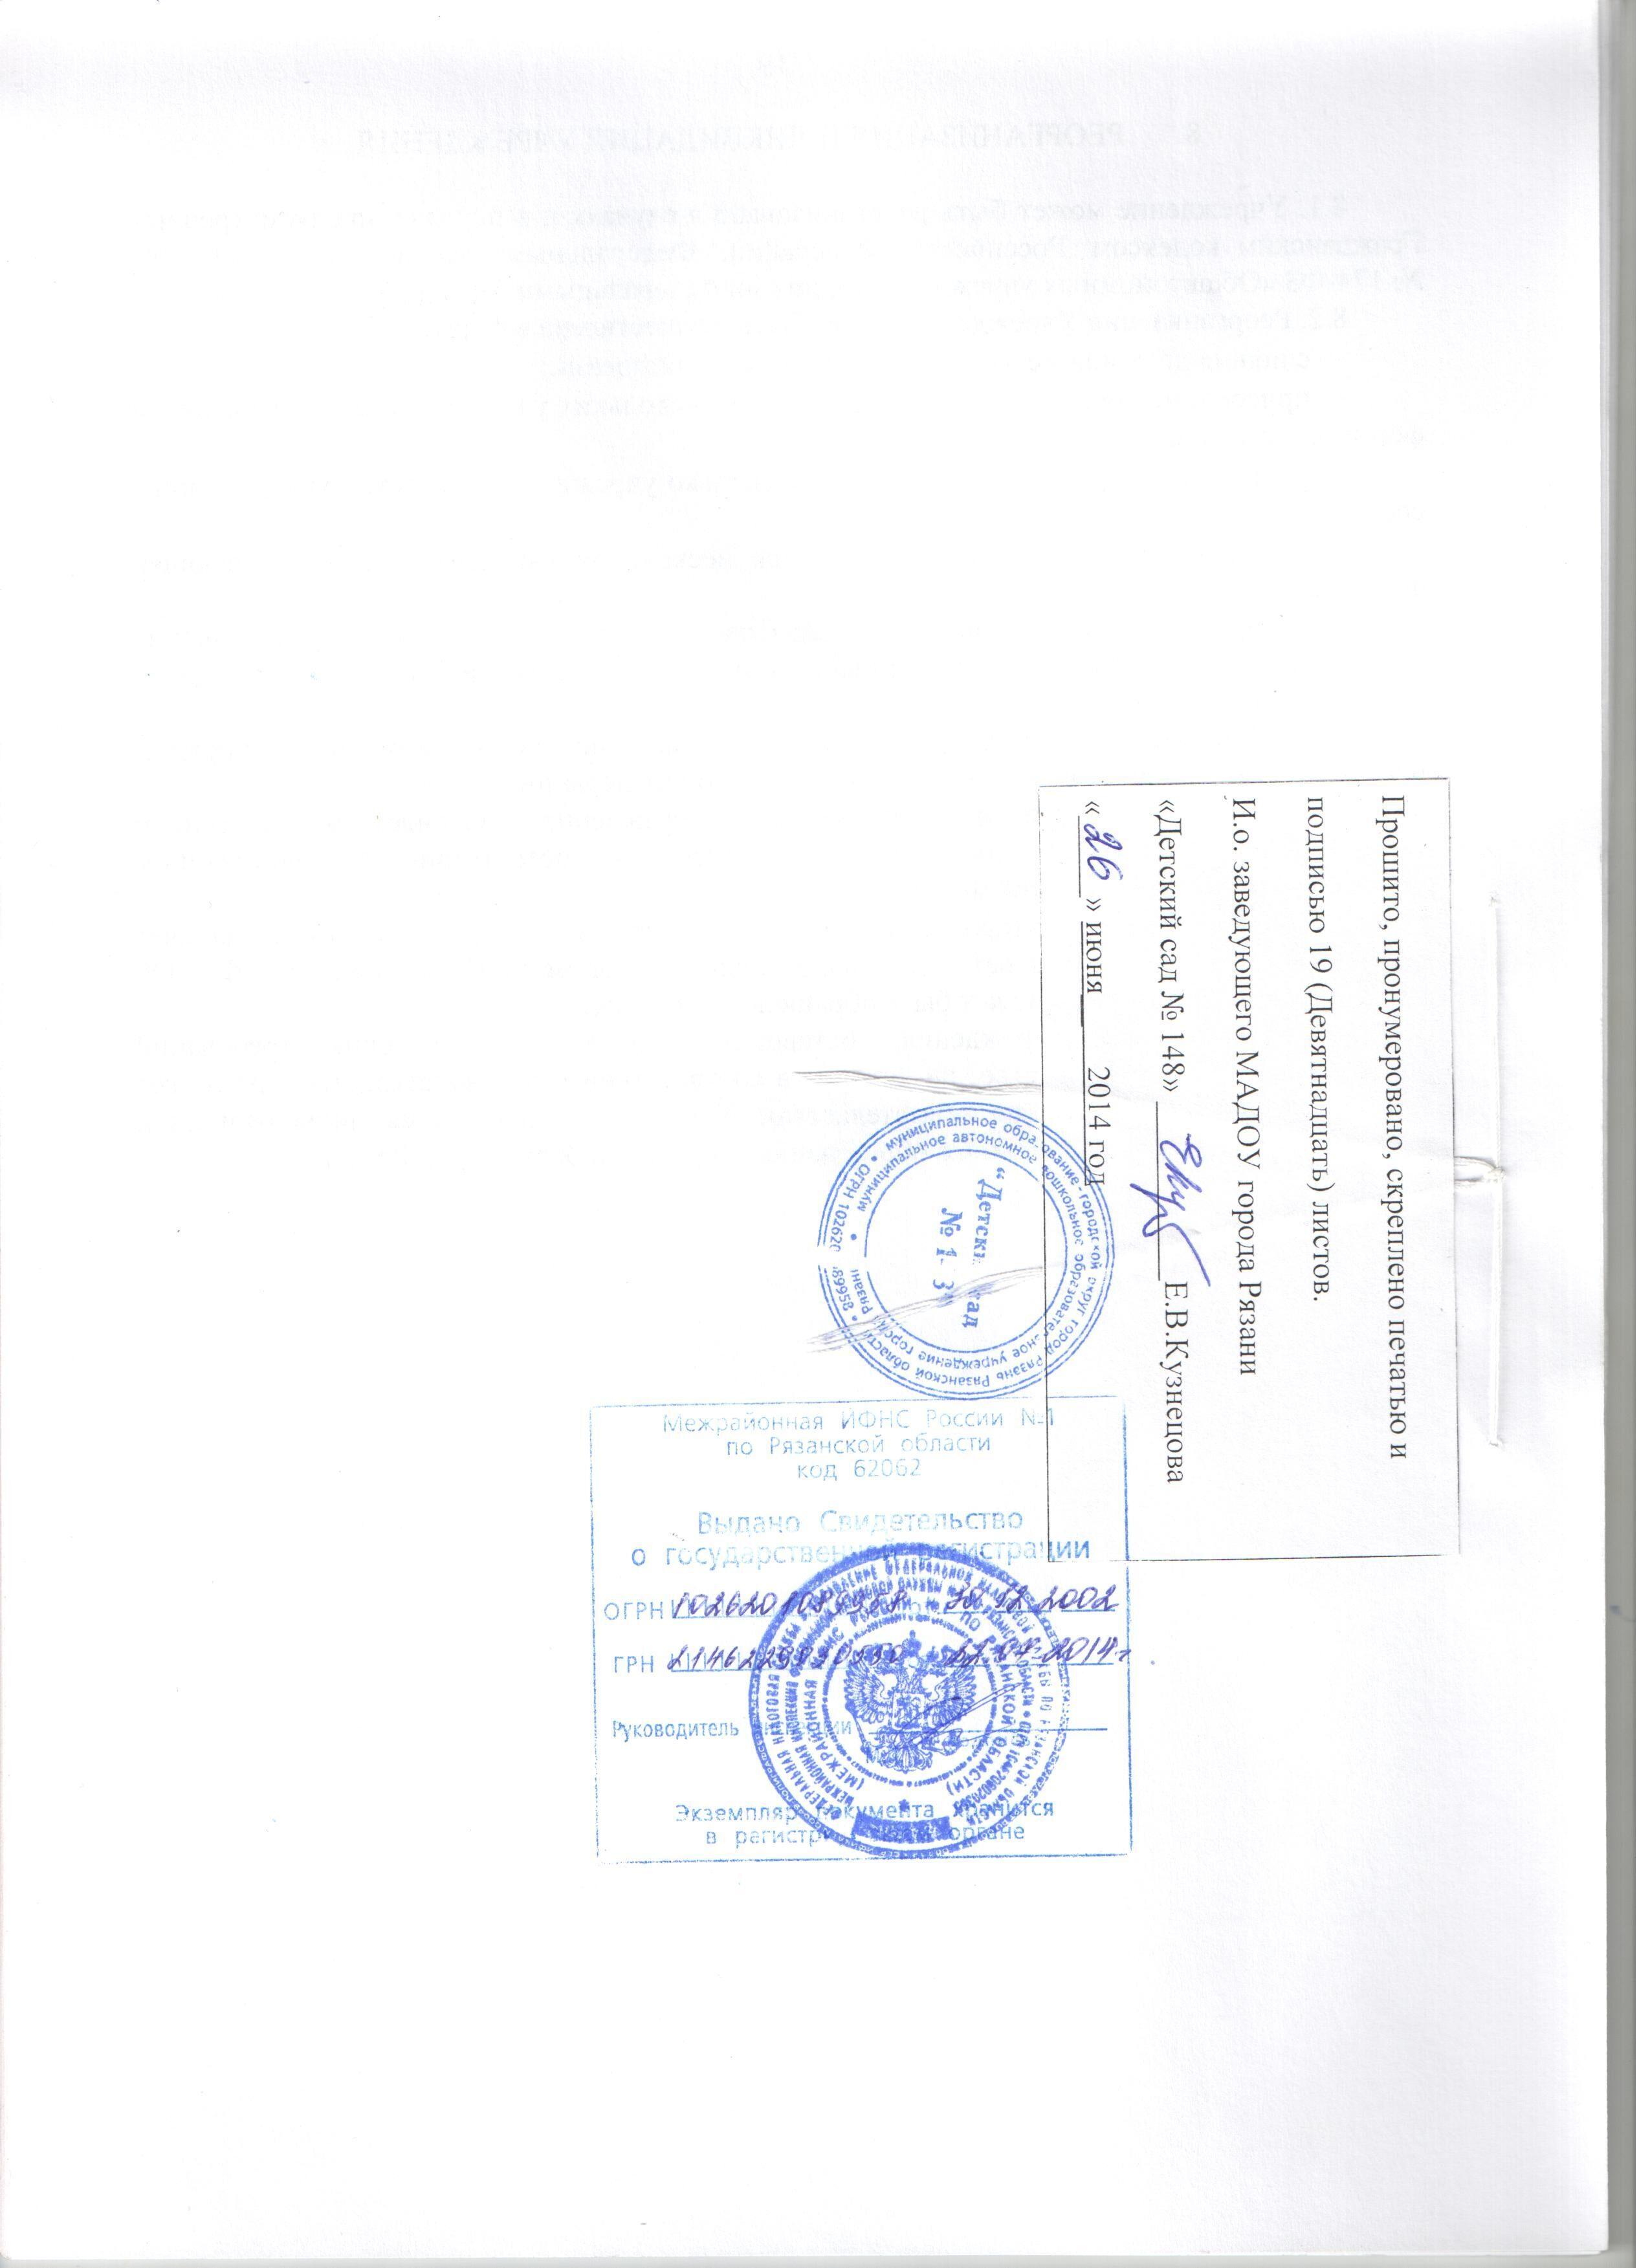 Как сшивать документы для налоговой по требованию: заверка бумаг 9